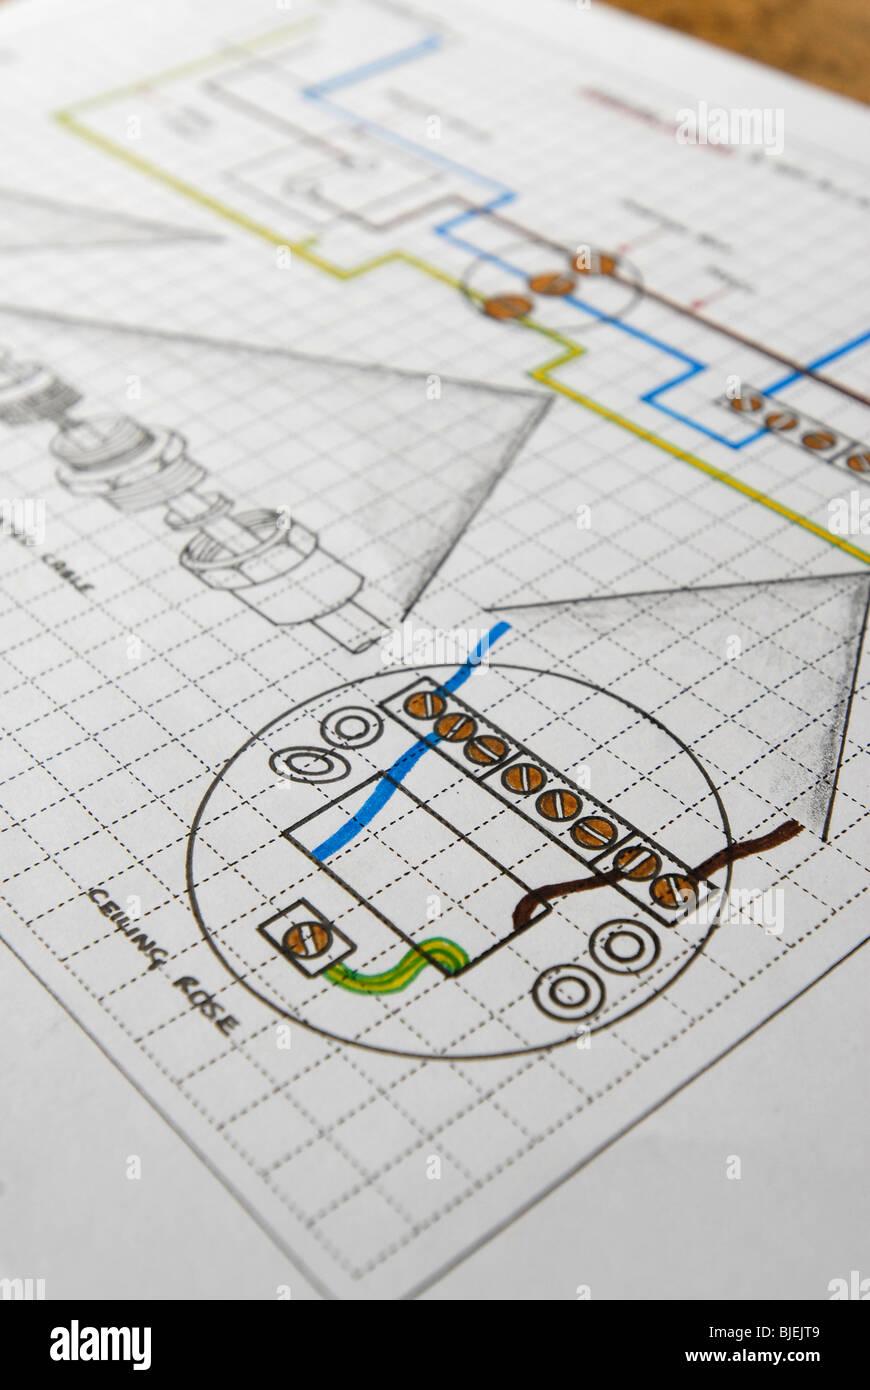 Atemberaubend Schaltplan Der Elektrischen Decke Bilder - Elektrische ...